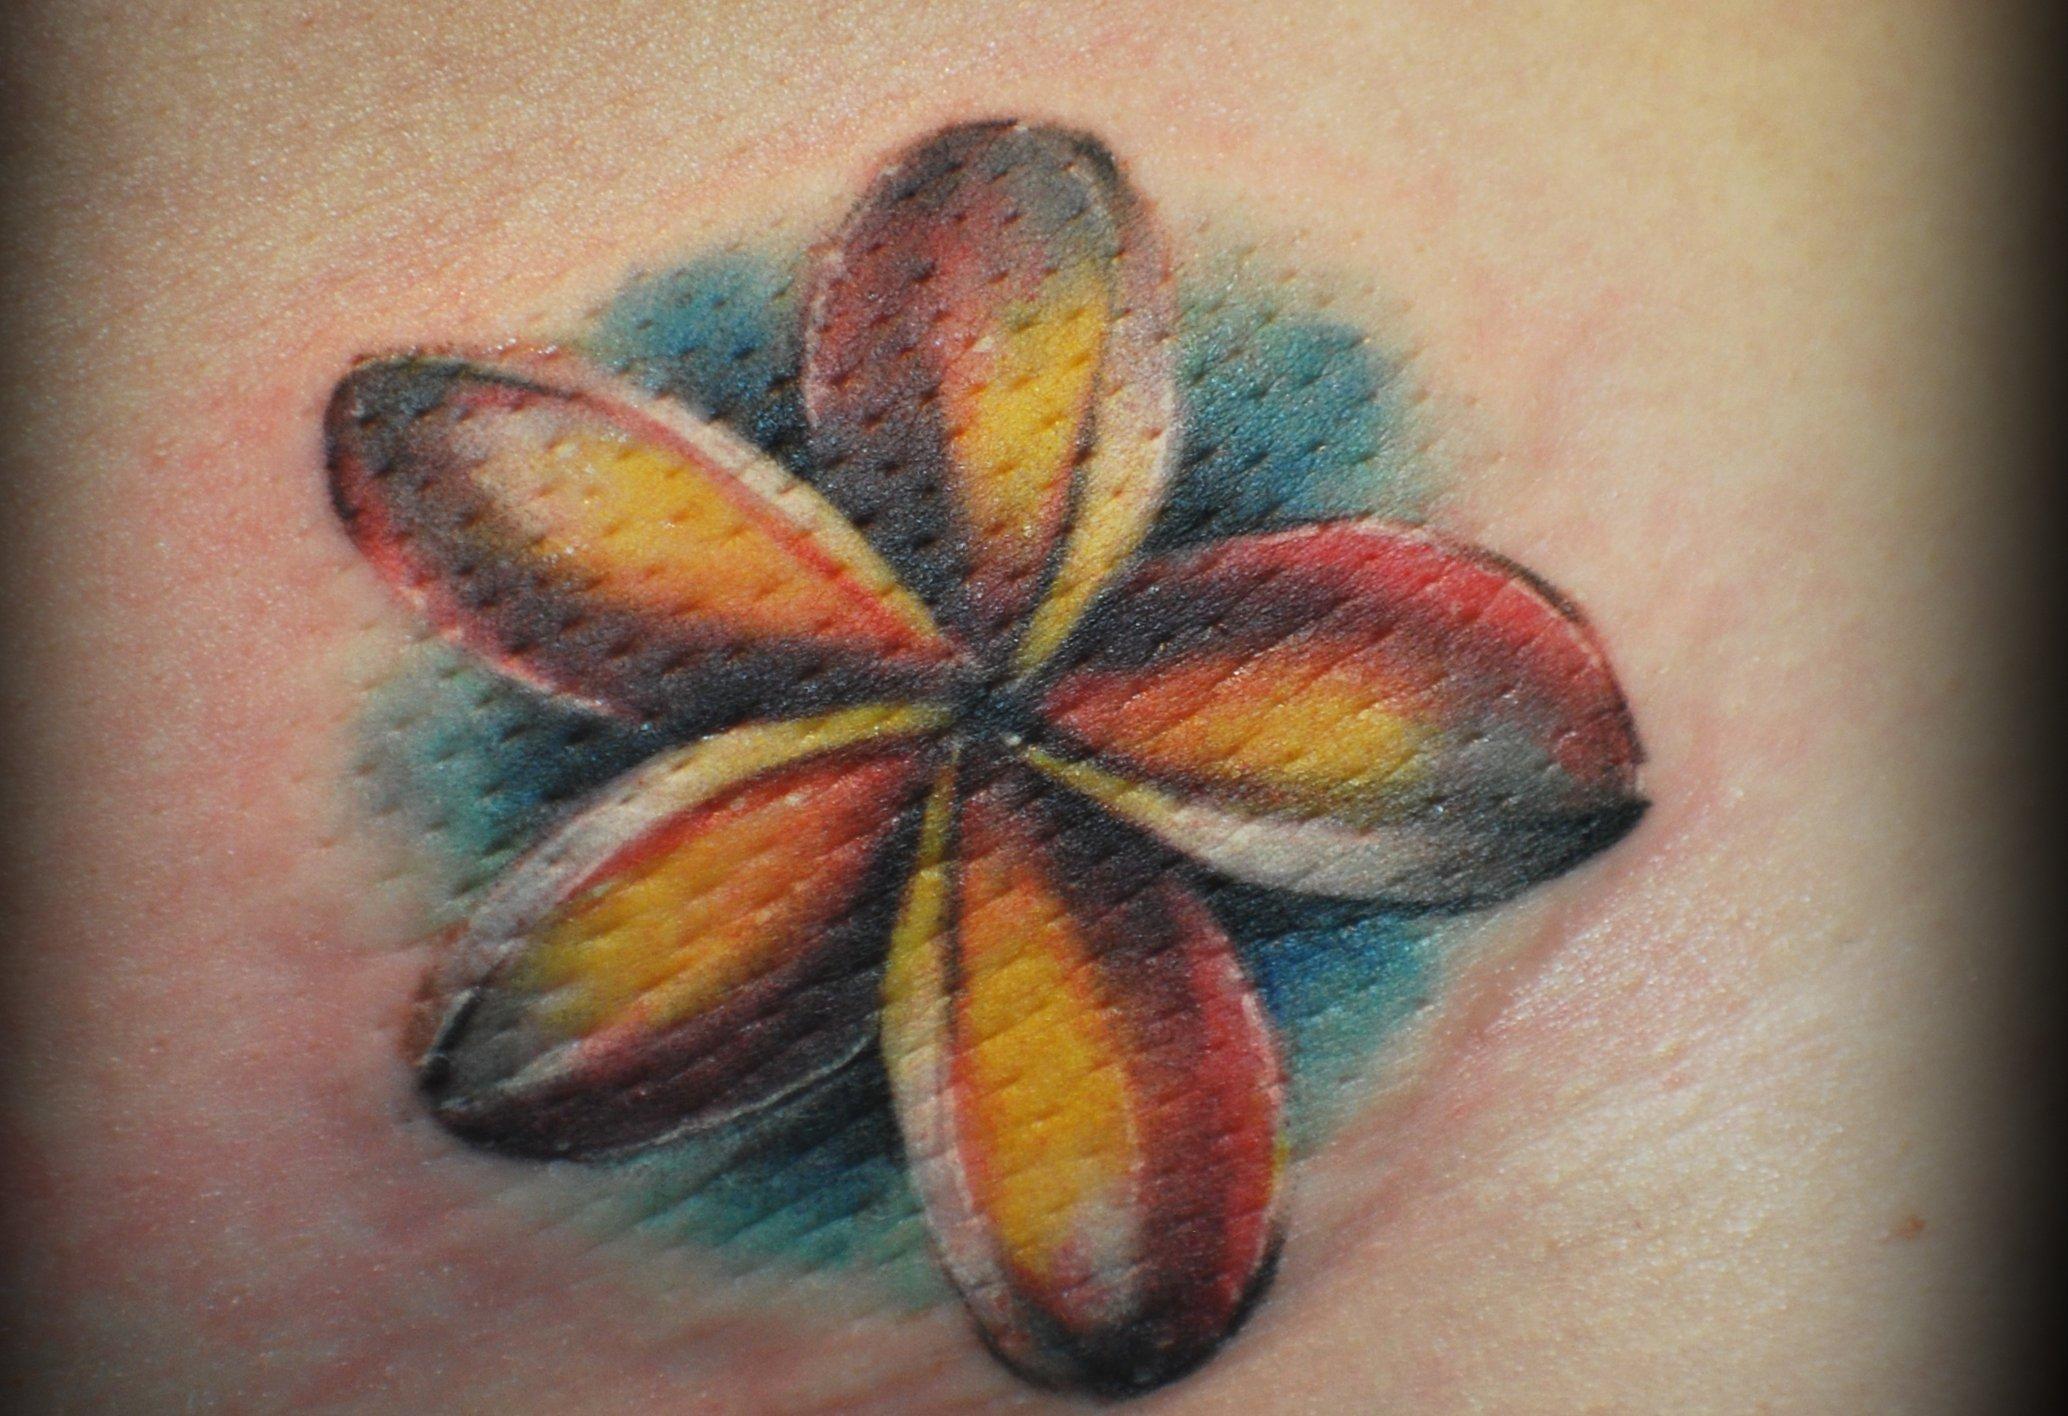 Hawaii Blumen Tattoos – Designs und deren Bedeutung alletattoo.de 9